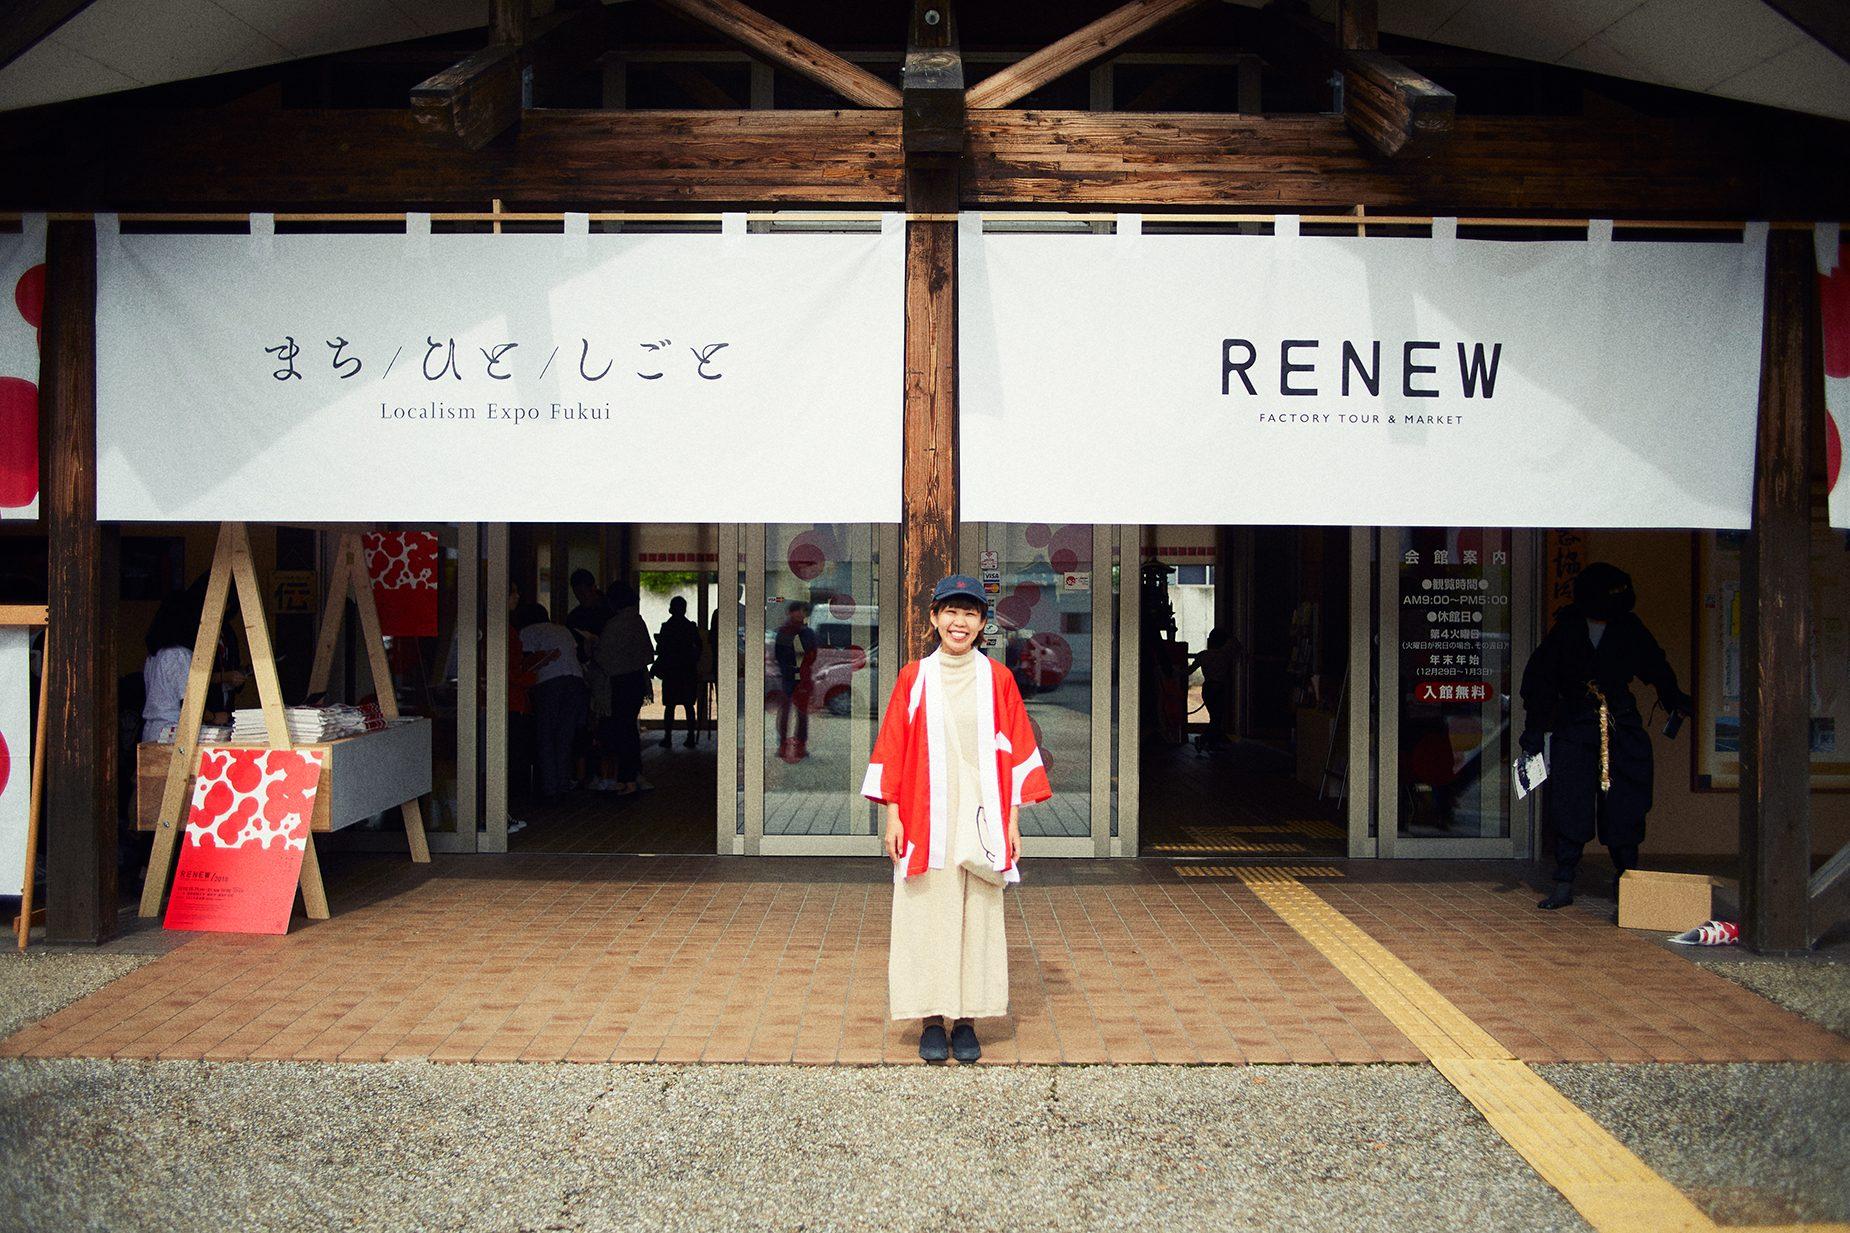 新山さんとTSUGIを立ち上げ、RENEW全般のデザインを担当する寺田さん。